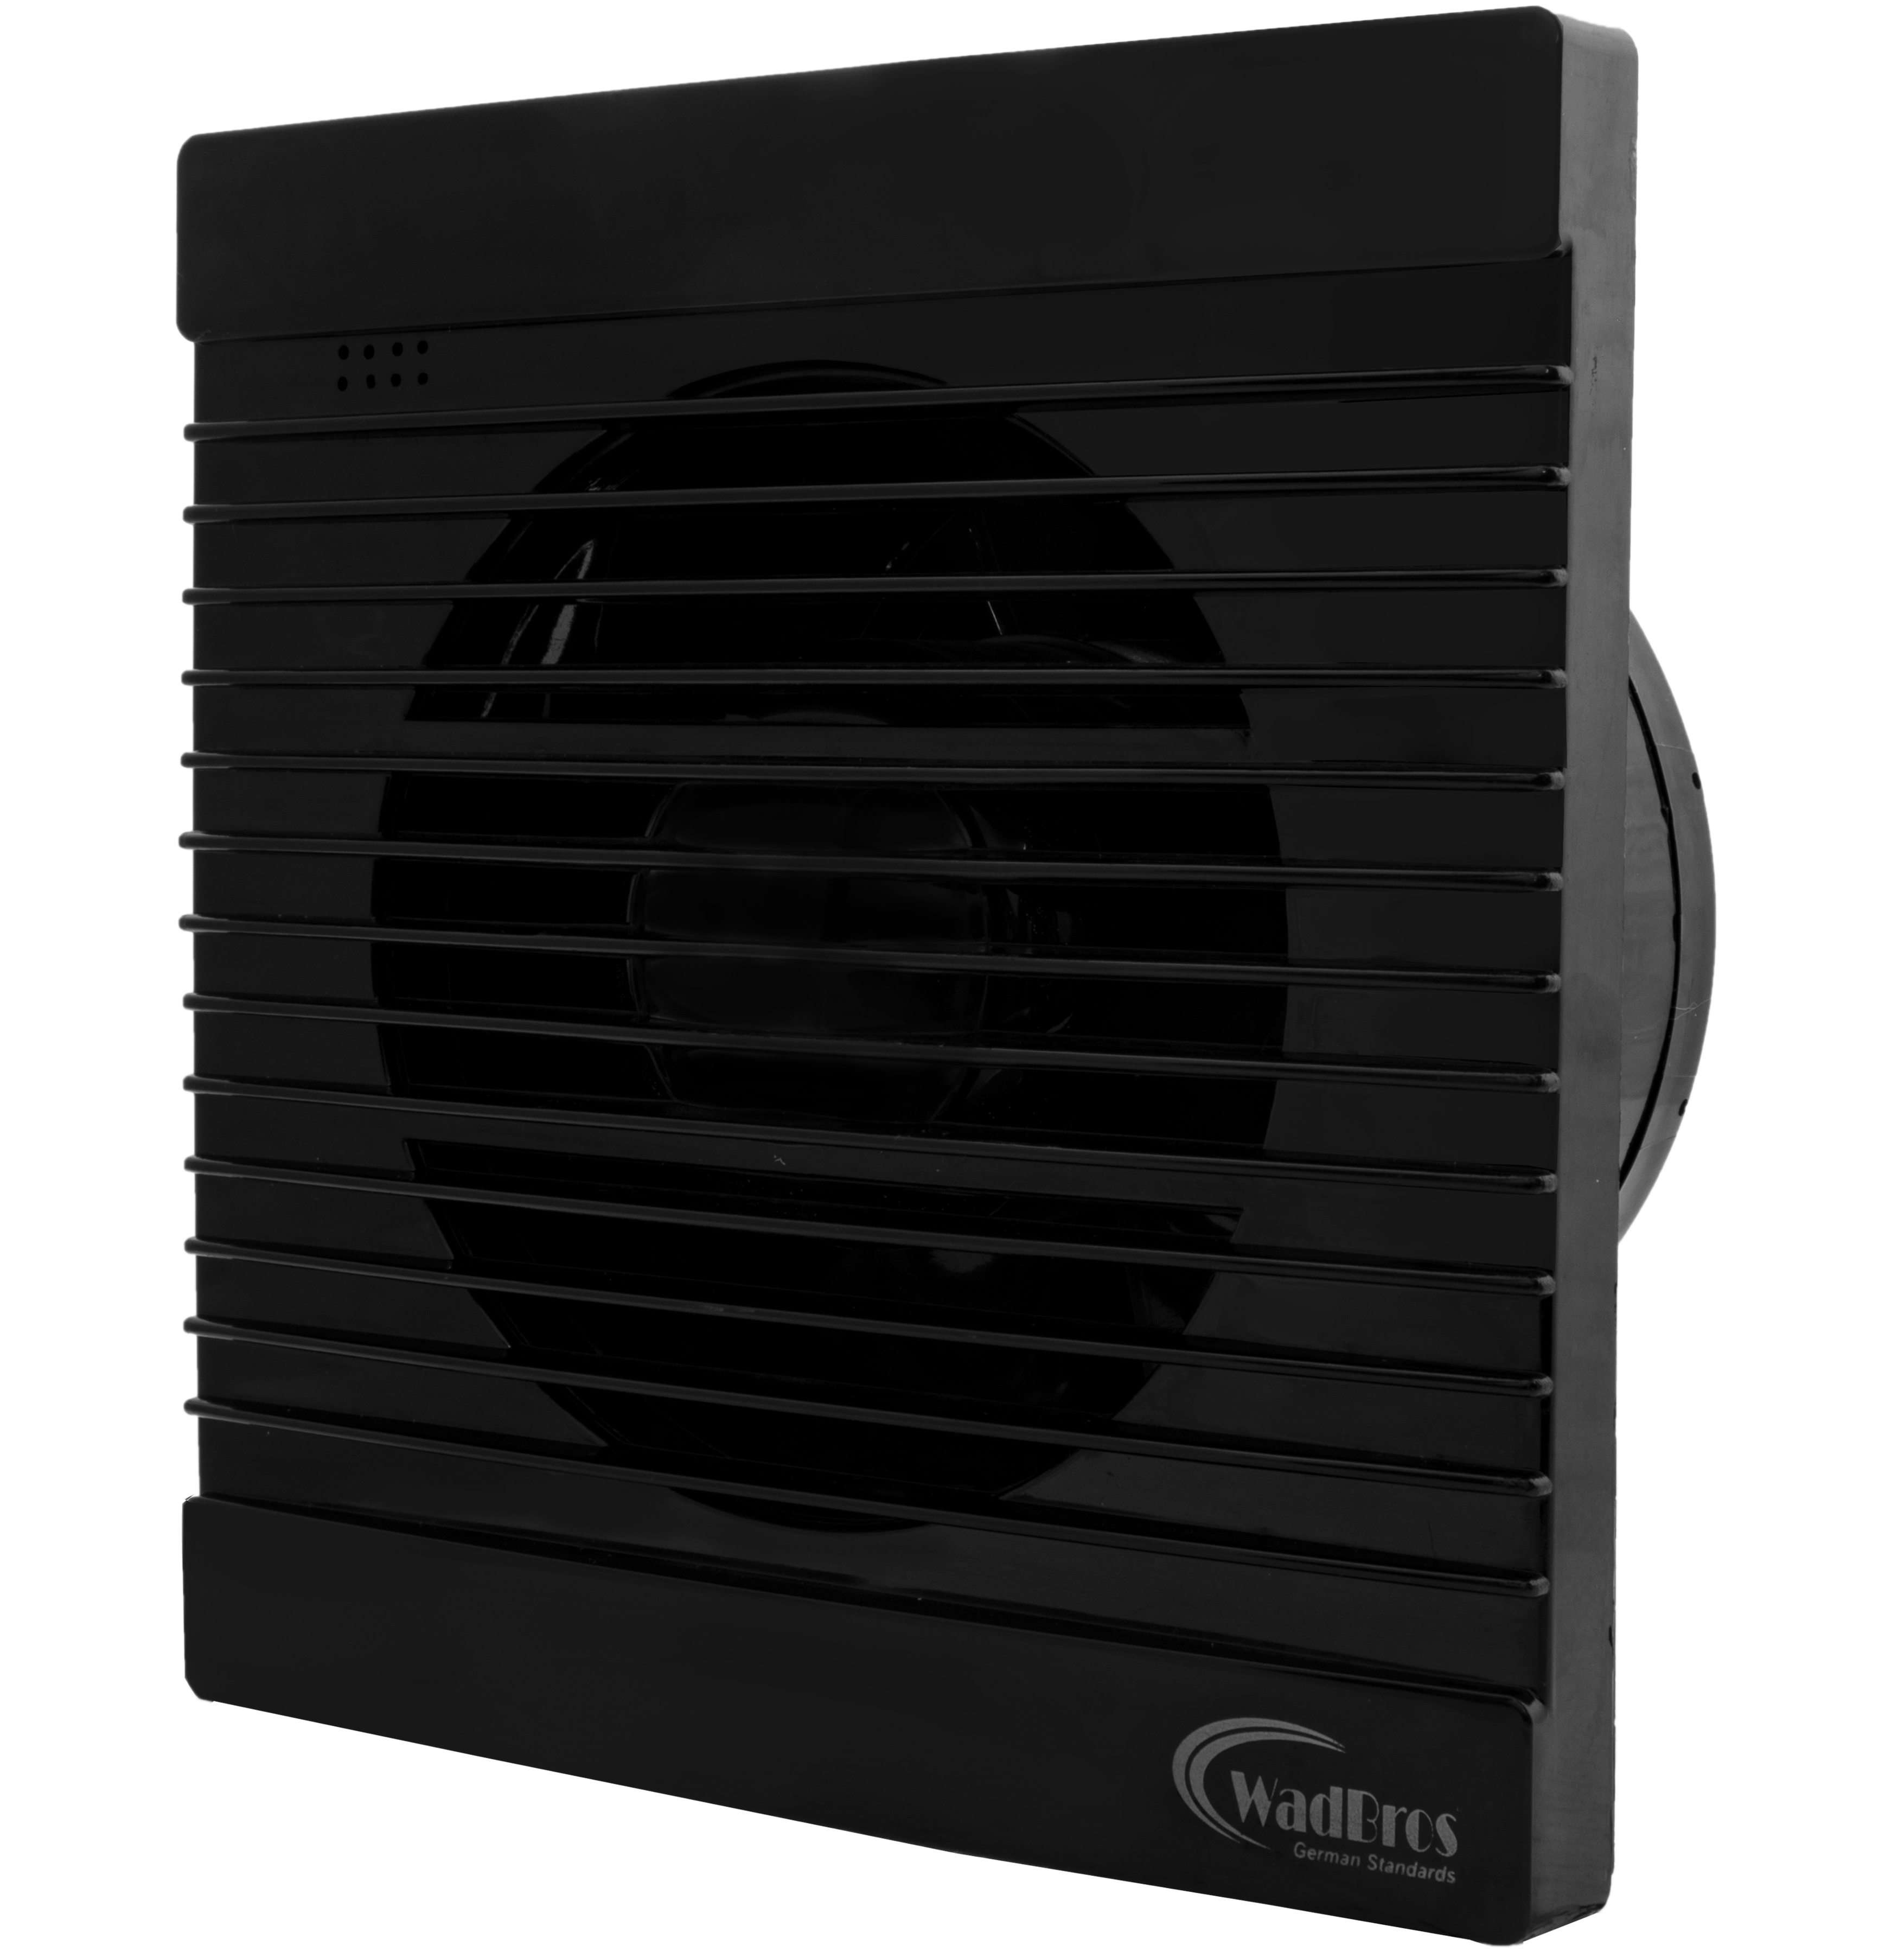 N - Series Exhaust Fan